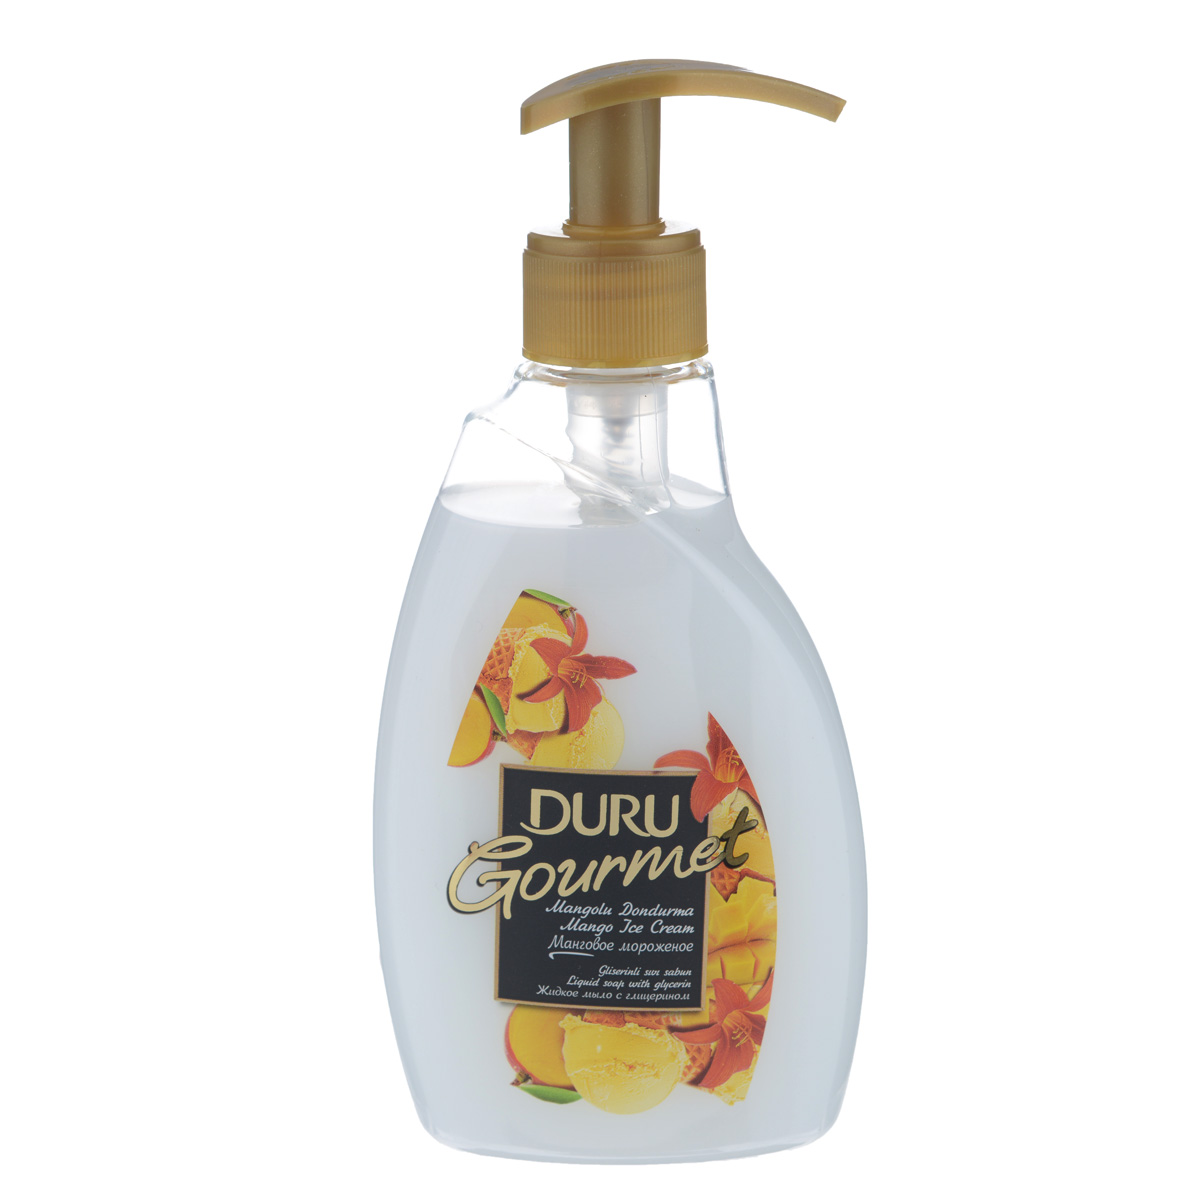 Duru GOURMET Мыло жидкое Манговое мороженое 300мл79907Современное средство гигиены и ухода за кожей с увлажняющим действием глицерина. Отличается приятным фруктовым ароматом и нежной текстурой.